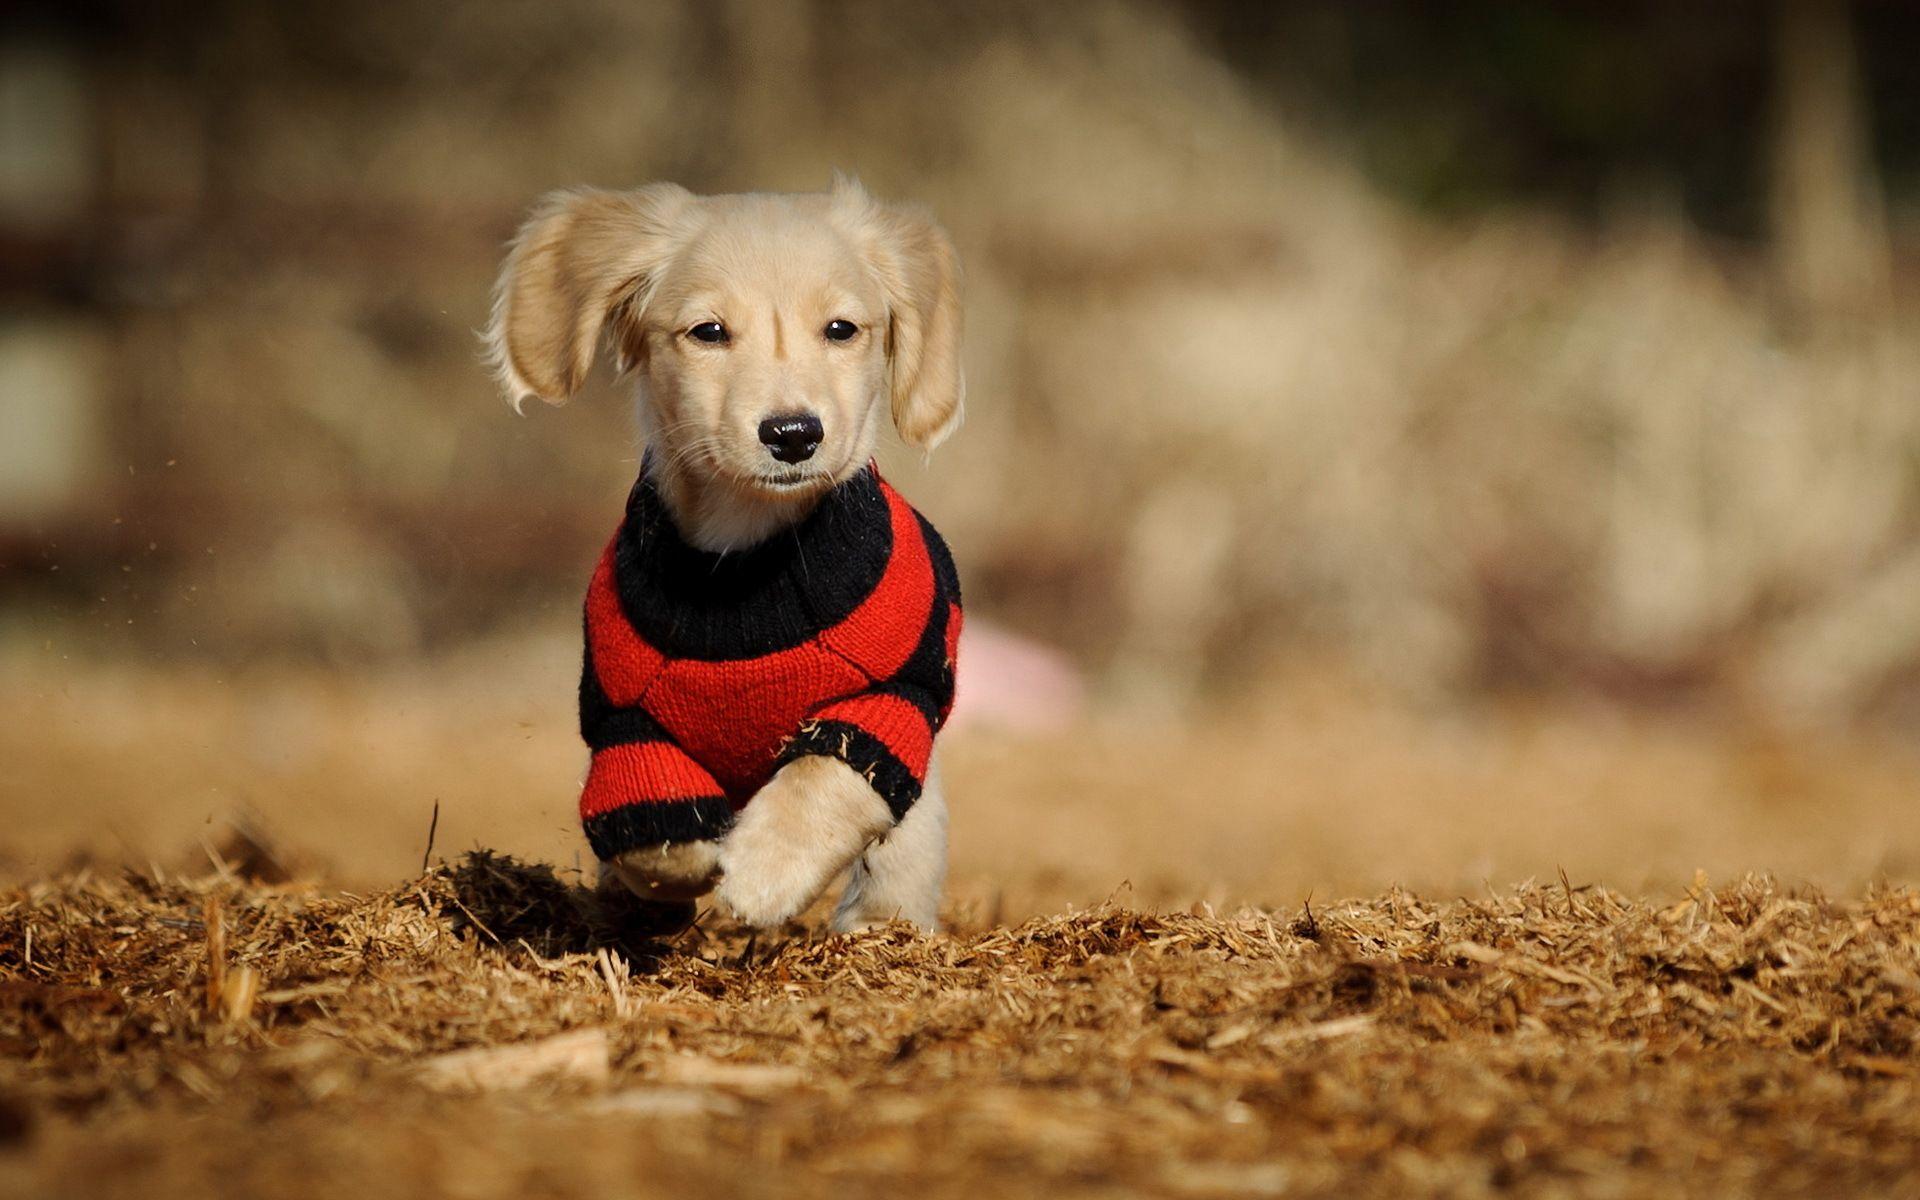 Fantastic Baby Brown Adorable Dog - d8af75d31e5ec41ec39ec72bb757867c  Graphic_933574  .jpg